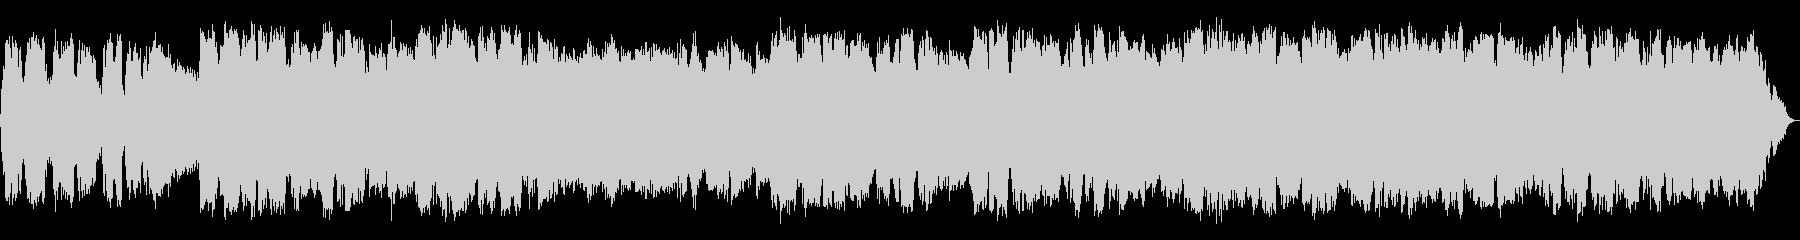 静かな低音の竹笛のヒーリング音楽の未再生の波形